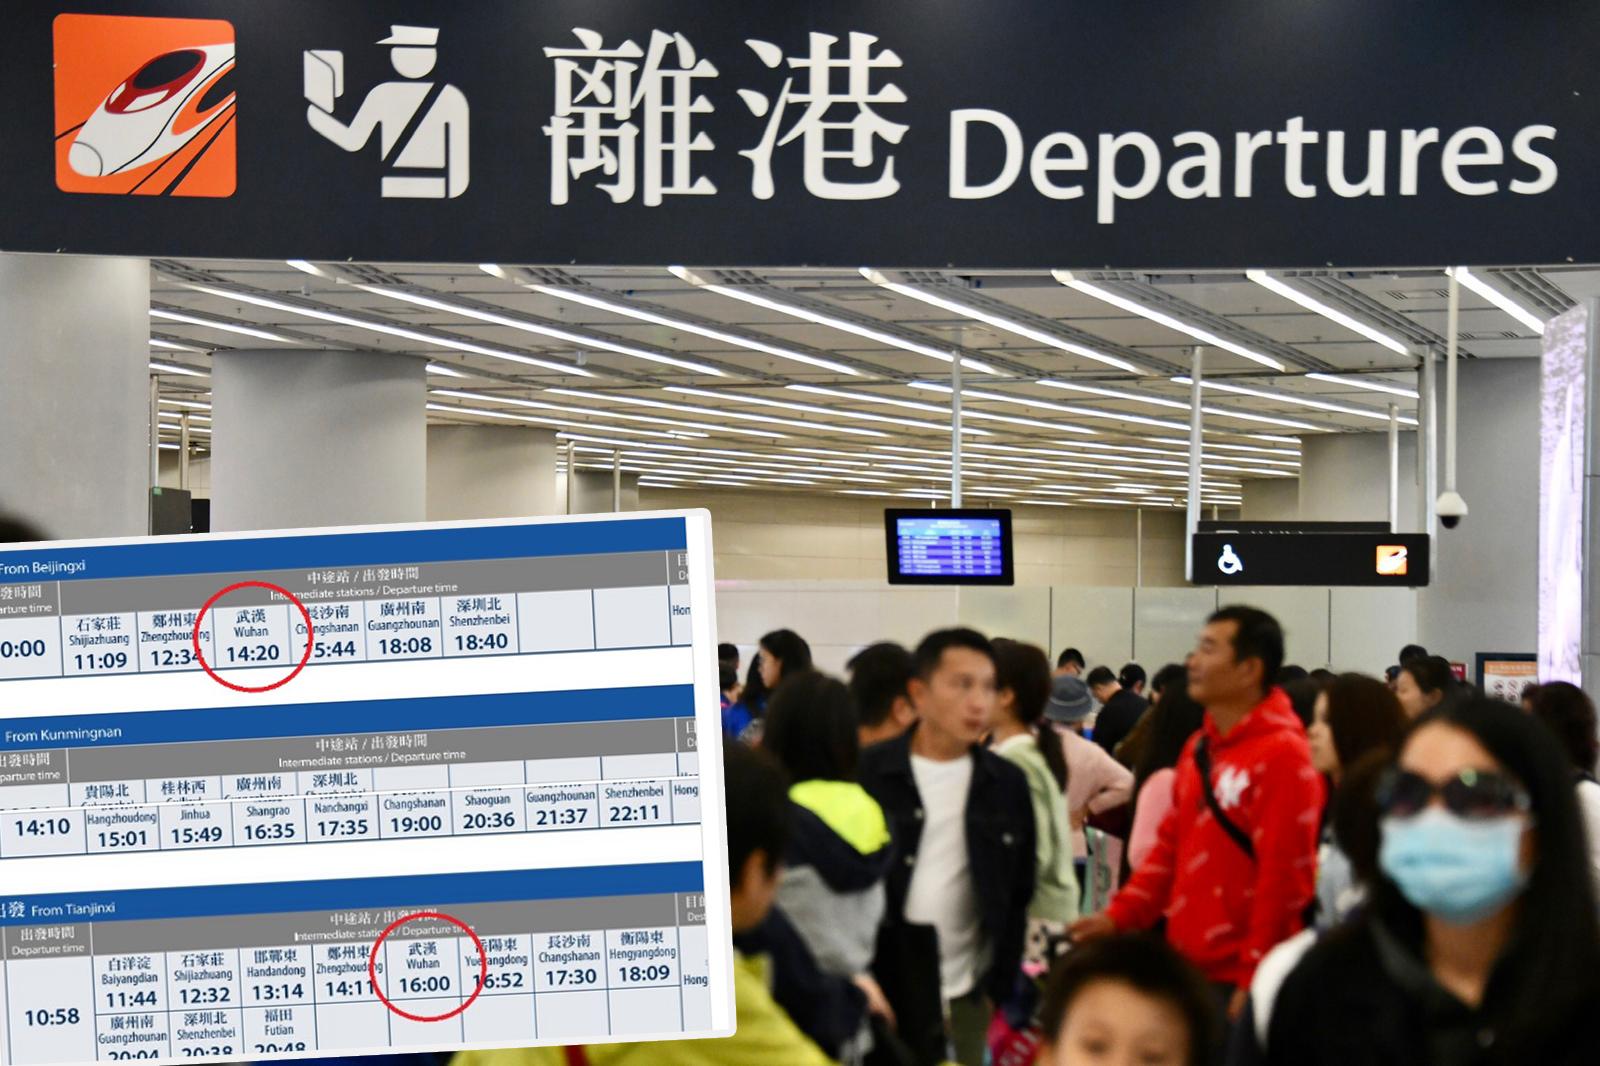 【新冠肺炎】指车厢内传播风险高 谭凯邦吁高铁列车不停武汉站